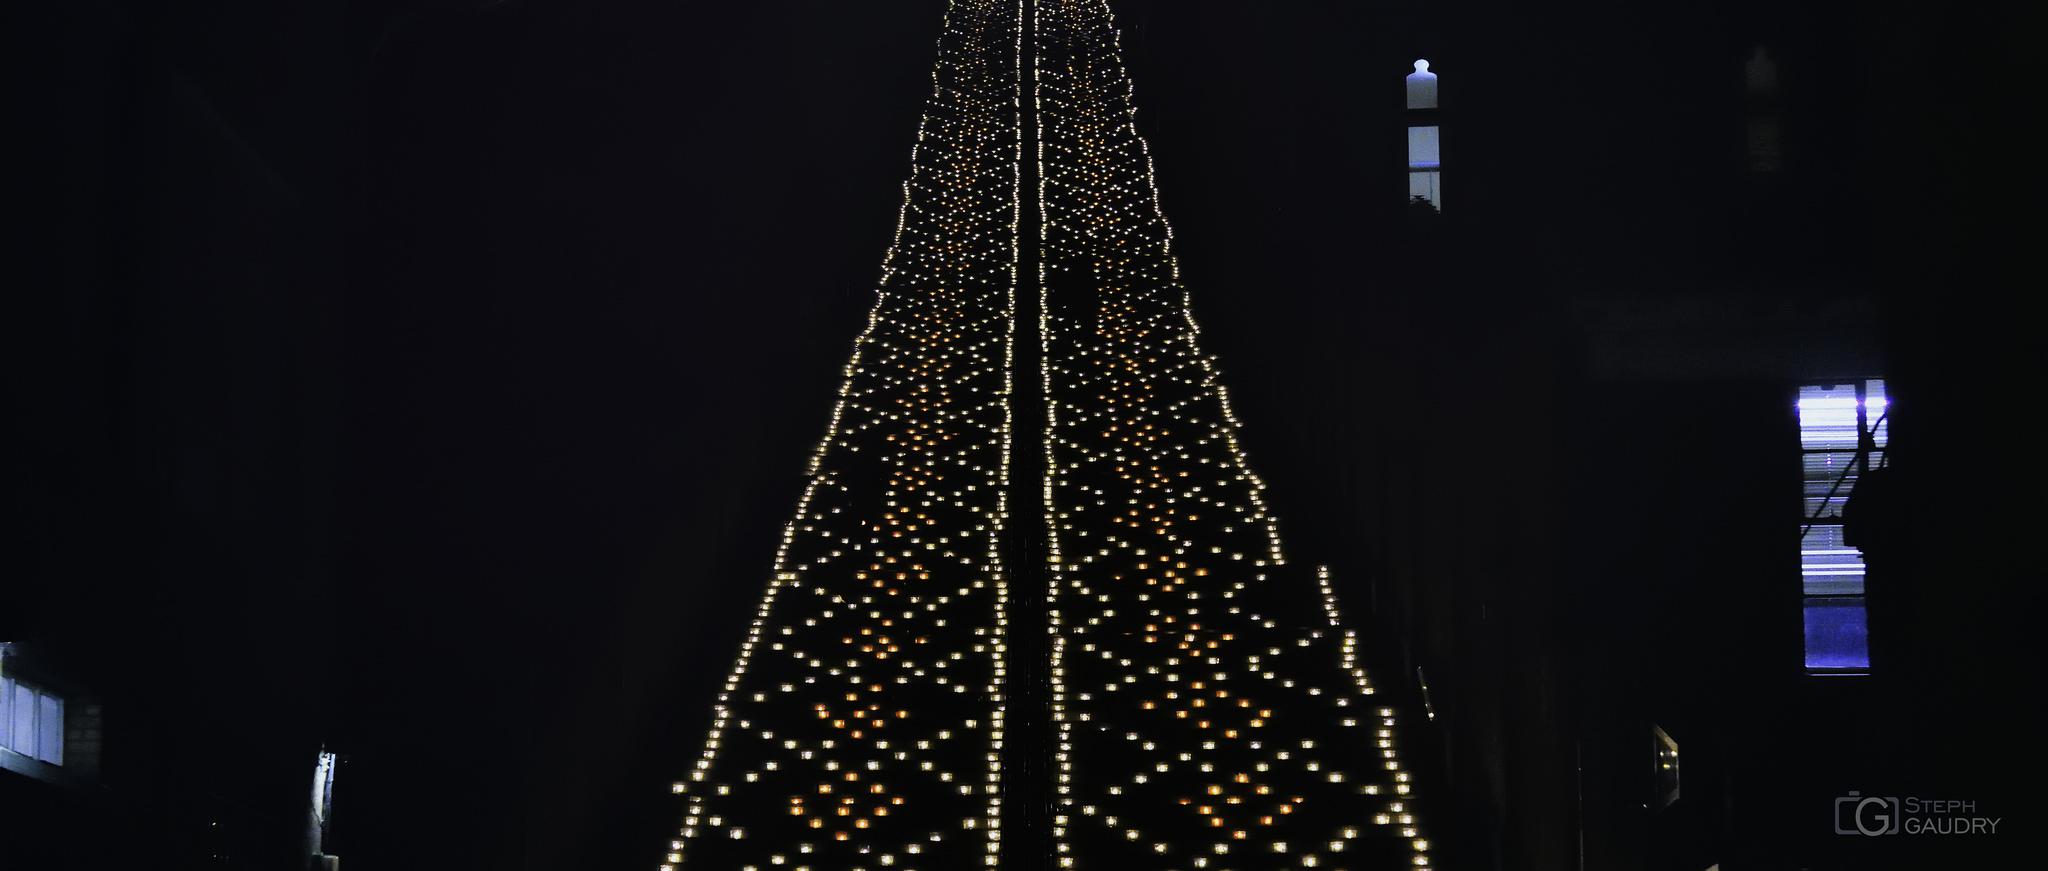 Nocturne des coteaux 2016 - Les bougies des escaliers de Bueren [Click to start slideshow]